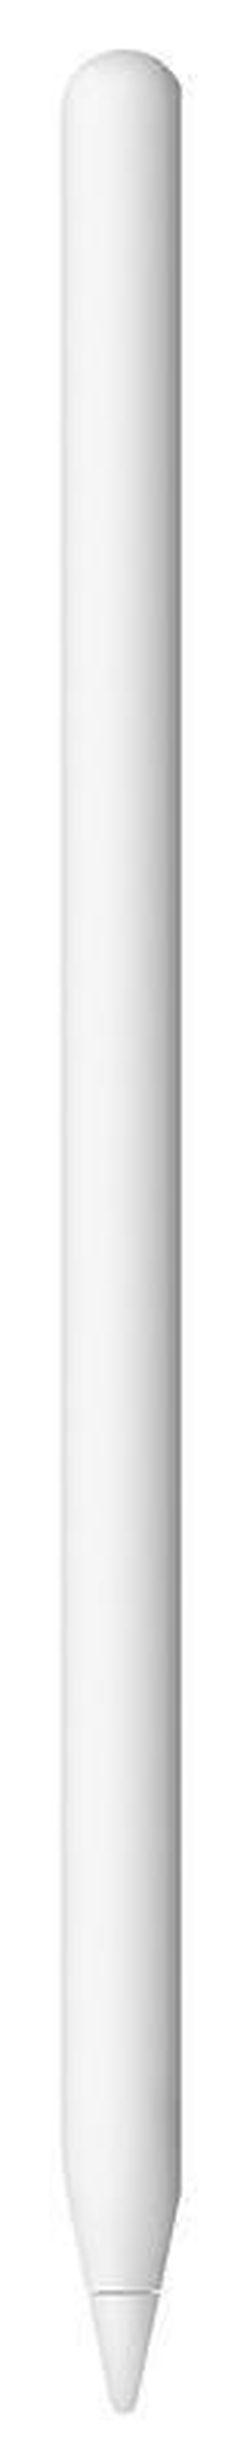 cumpără Accesoriu pentru aparat mobil Apple iPad Pro Pencil v2 White (MU8F2) în Chișinău